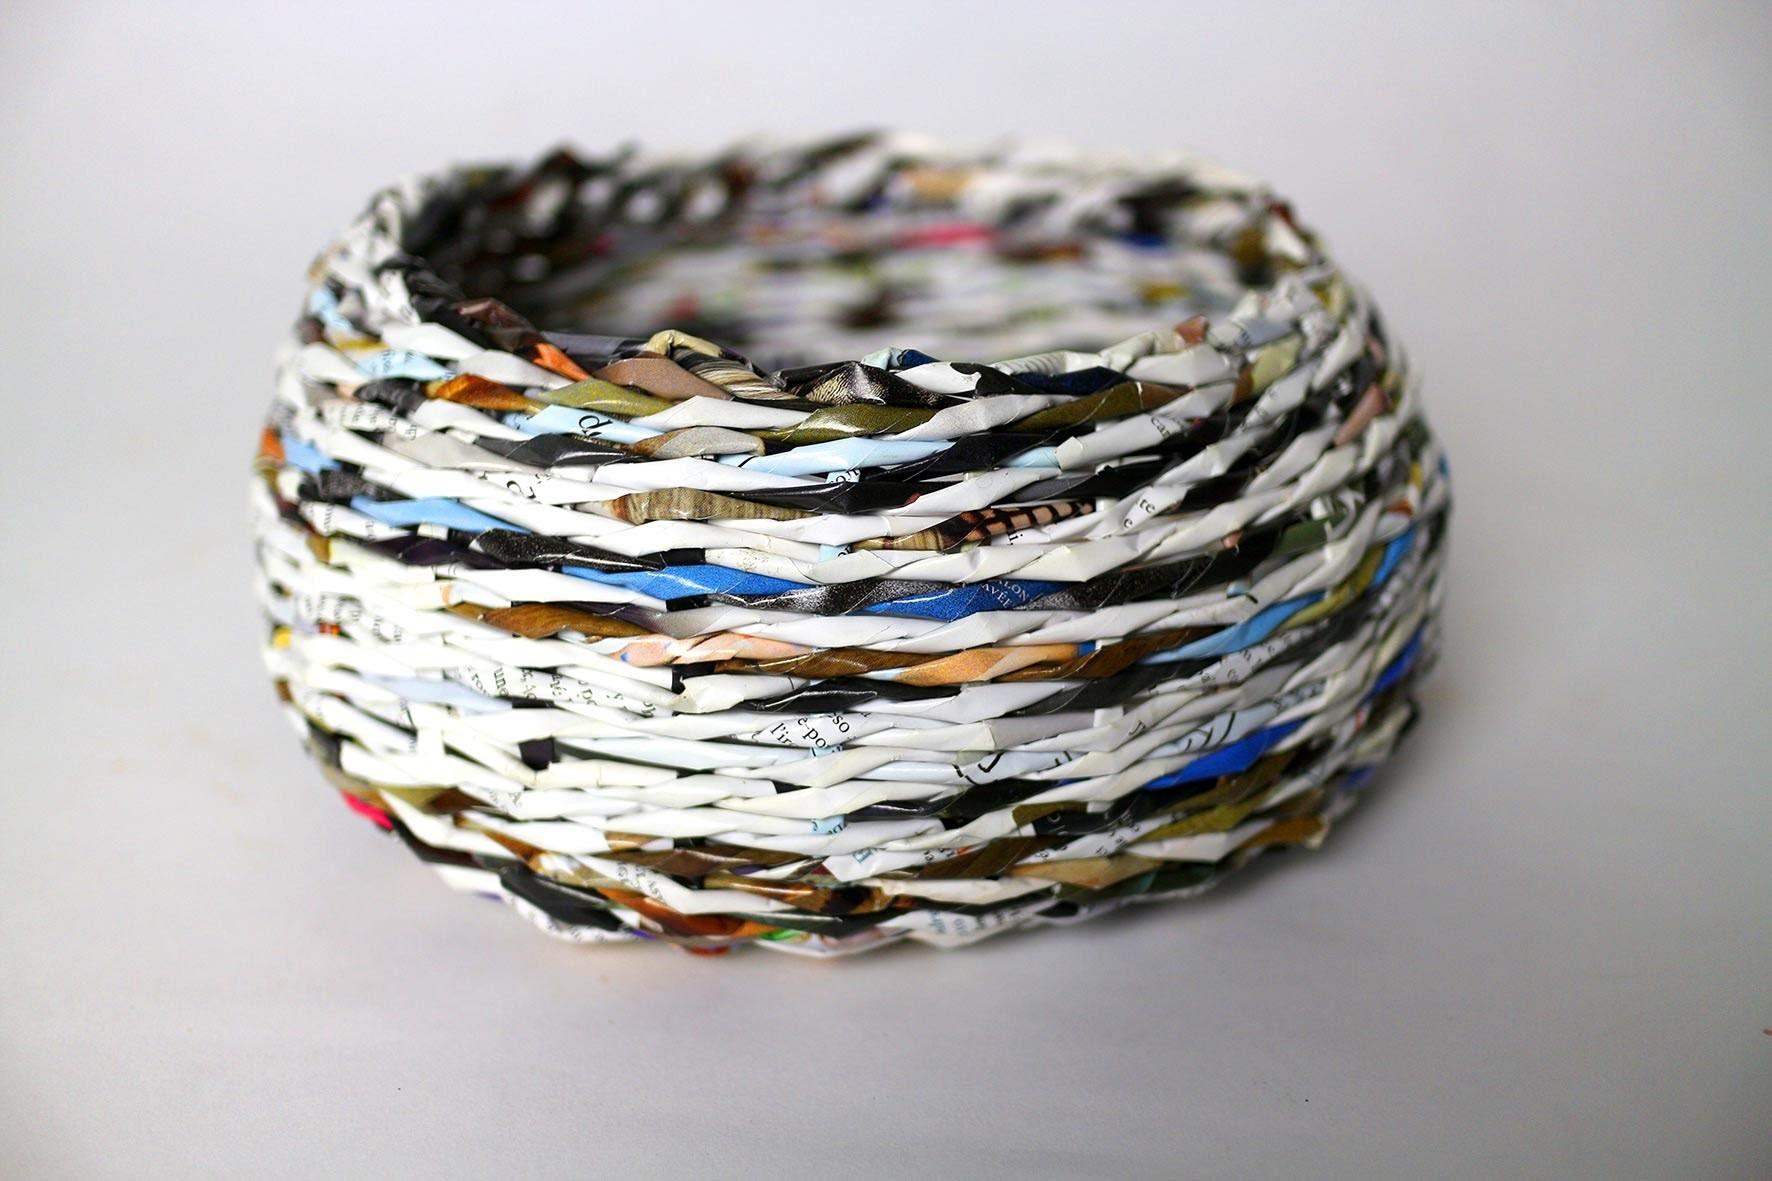 Paper Basket Weaving - Panier en Papier Tissé - Cesta de Papel Tejida